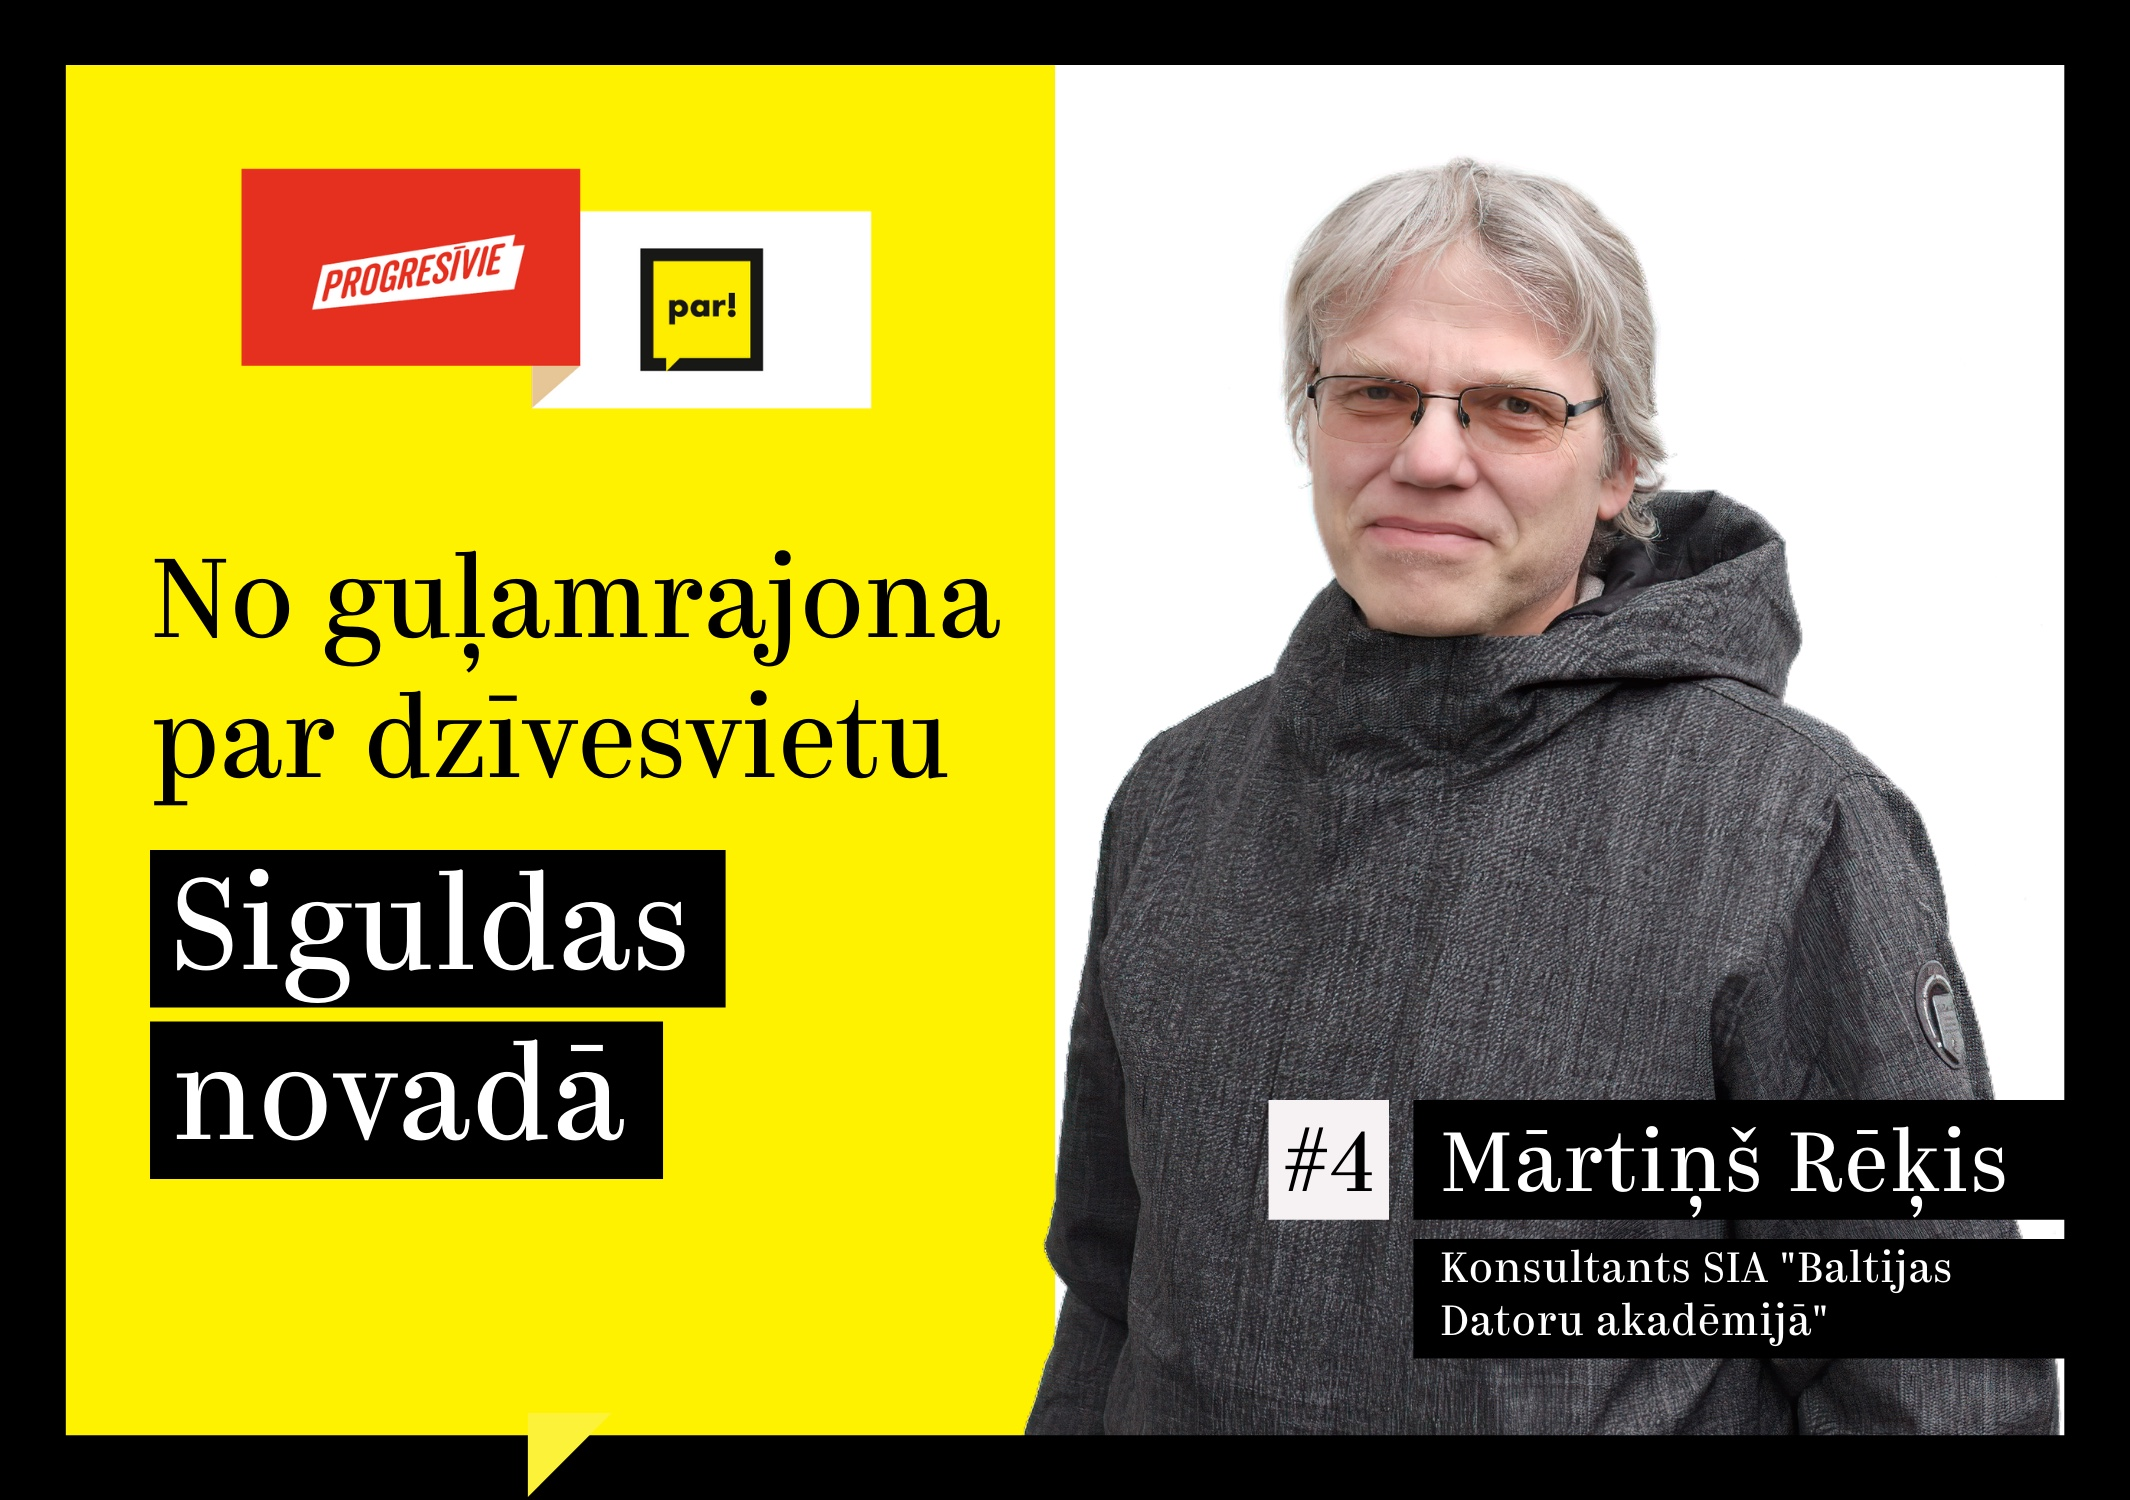 Mārtiņš Rēķis: Siguldas novadam jākļūst par iedzīvotajiem un videi draudzīgāko novadu Latvijā